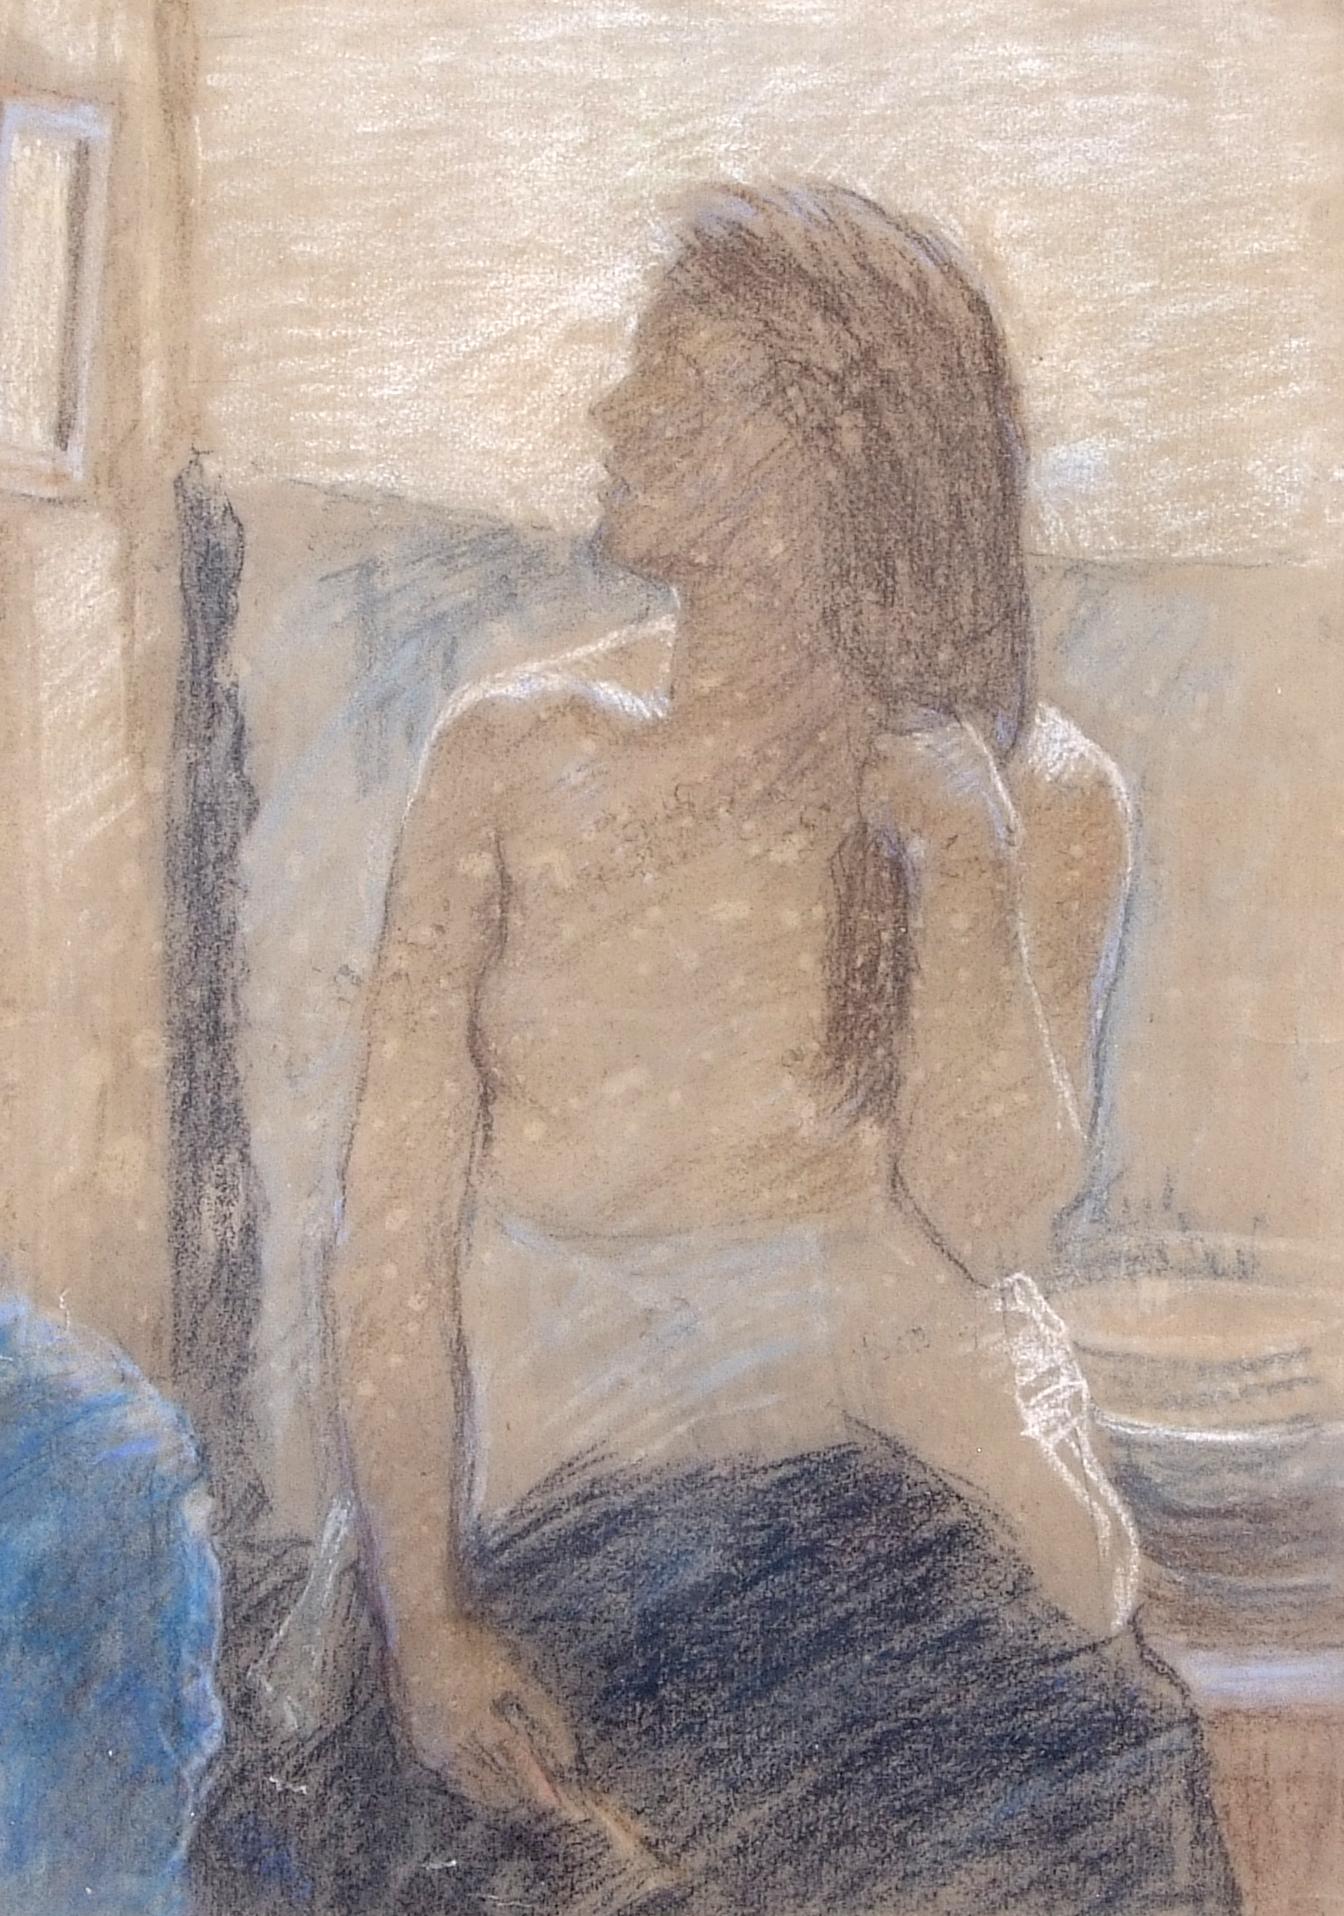 David Foggie, British, R.S.A. R.S.W. Semi-draped female figure in studio interior. , Pastel on - Image 2 of 2